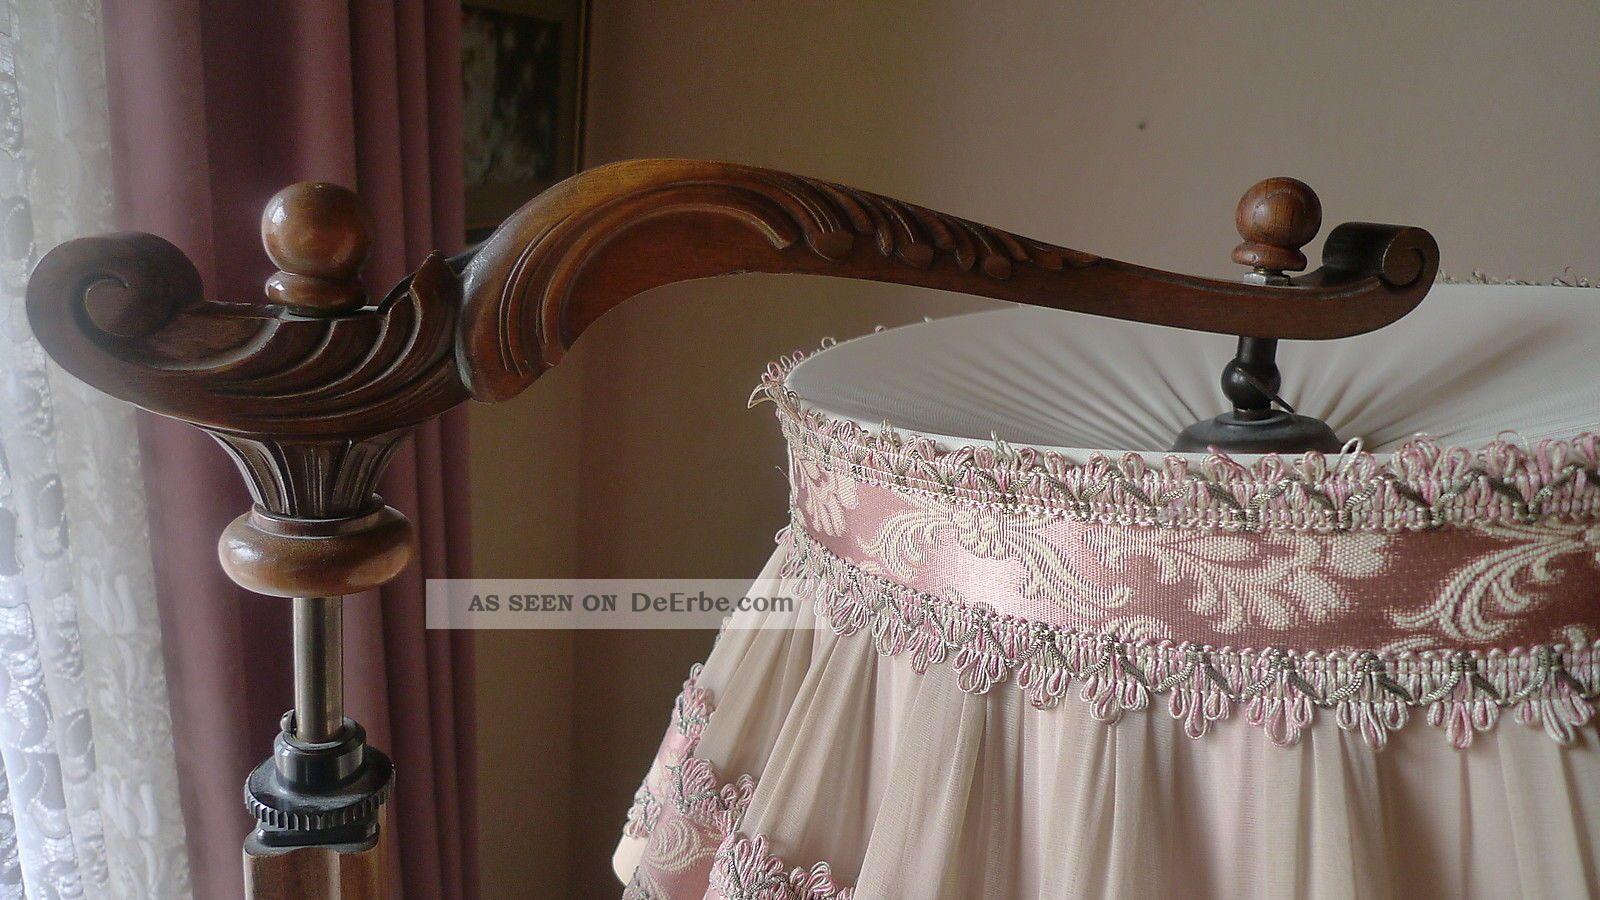 stehlampe leselampe nostalgie lampe mit tisch holz glastisch alt bitte lesen. Black Bedroom Furniture Sets. Home Design Ideas